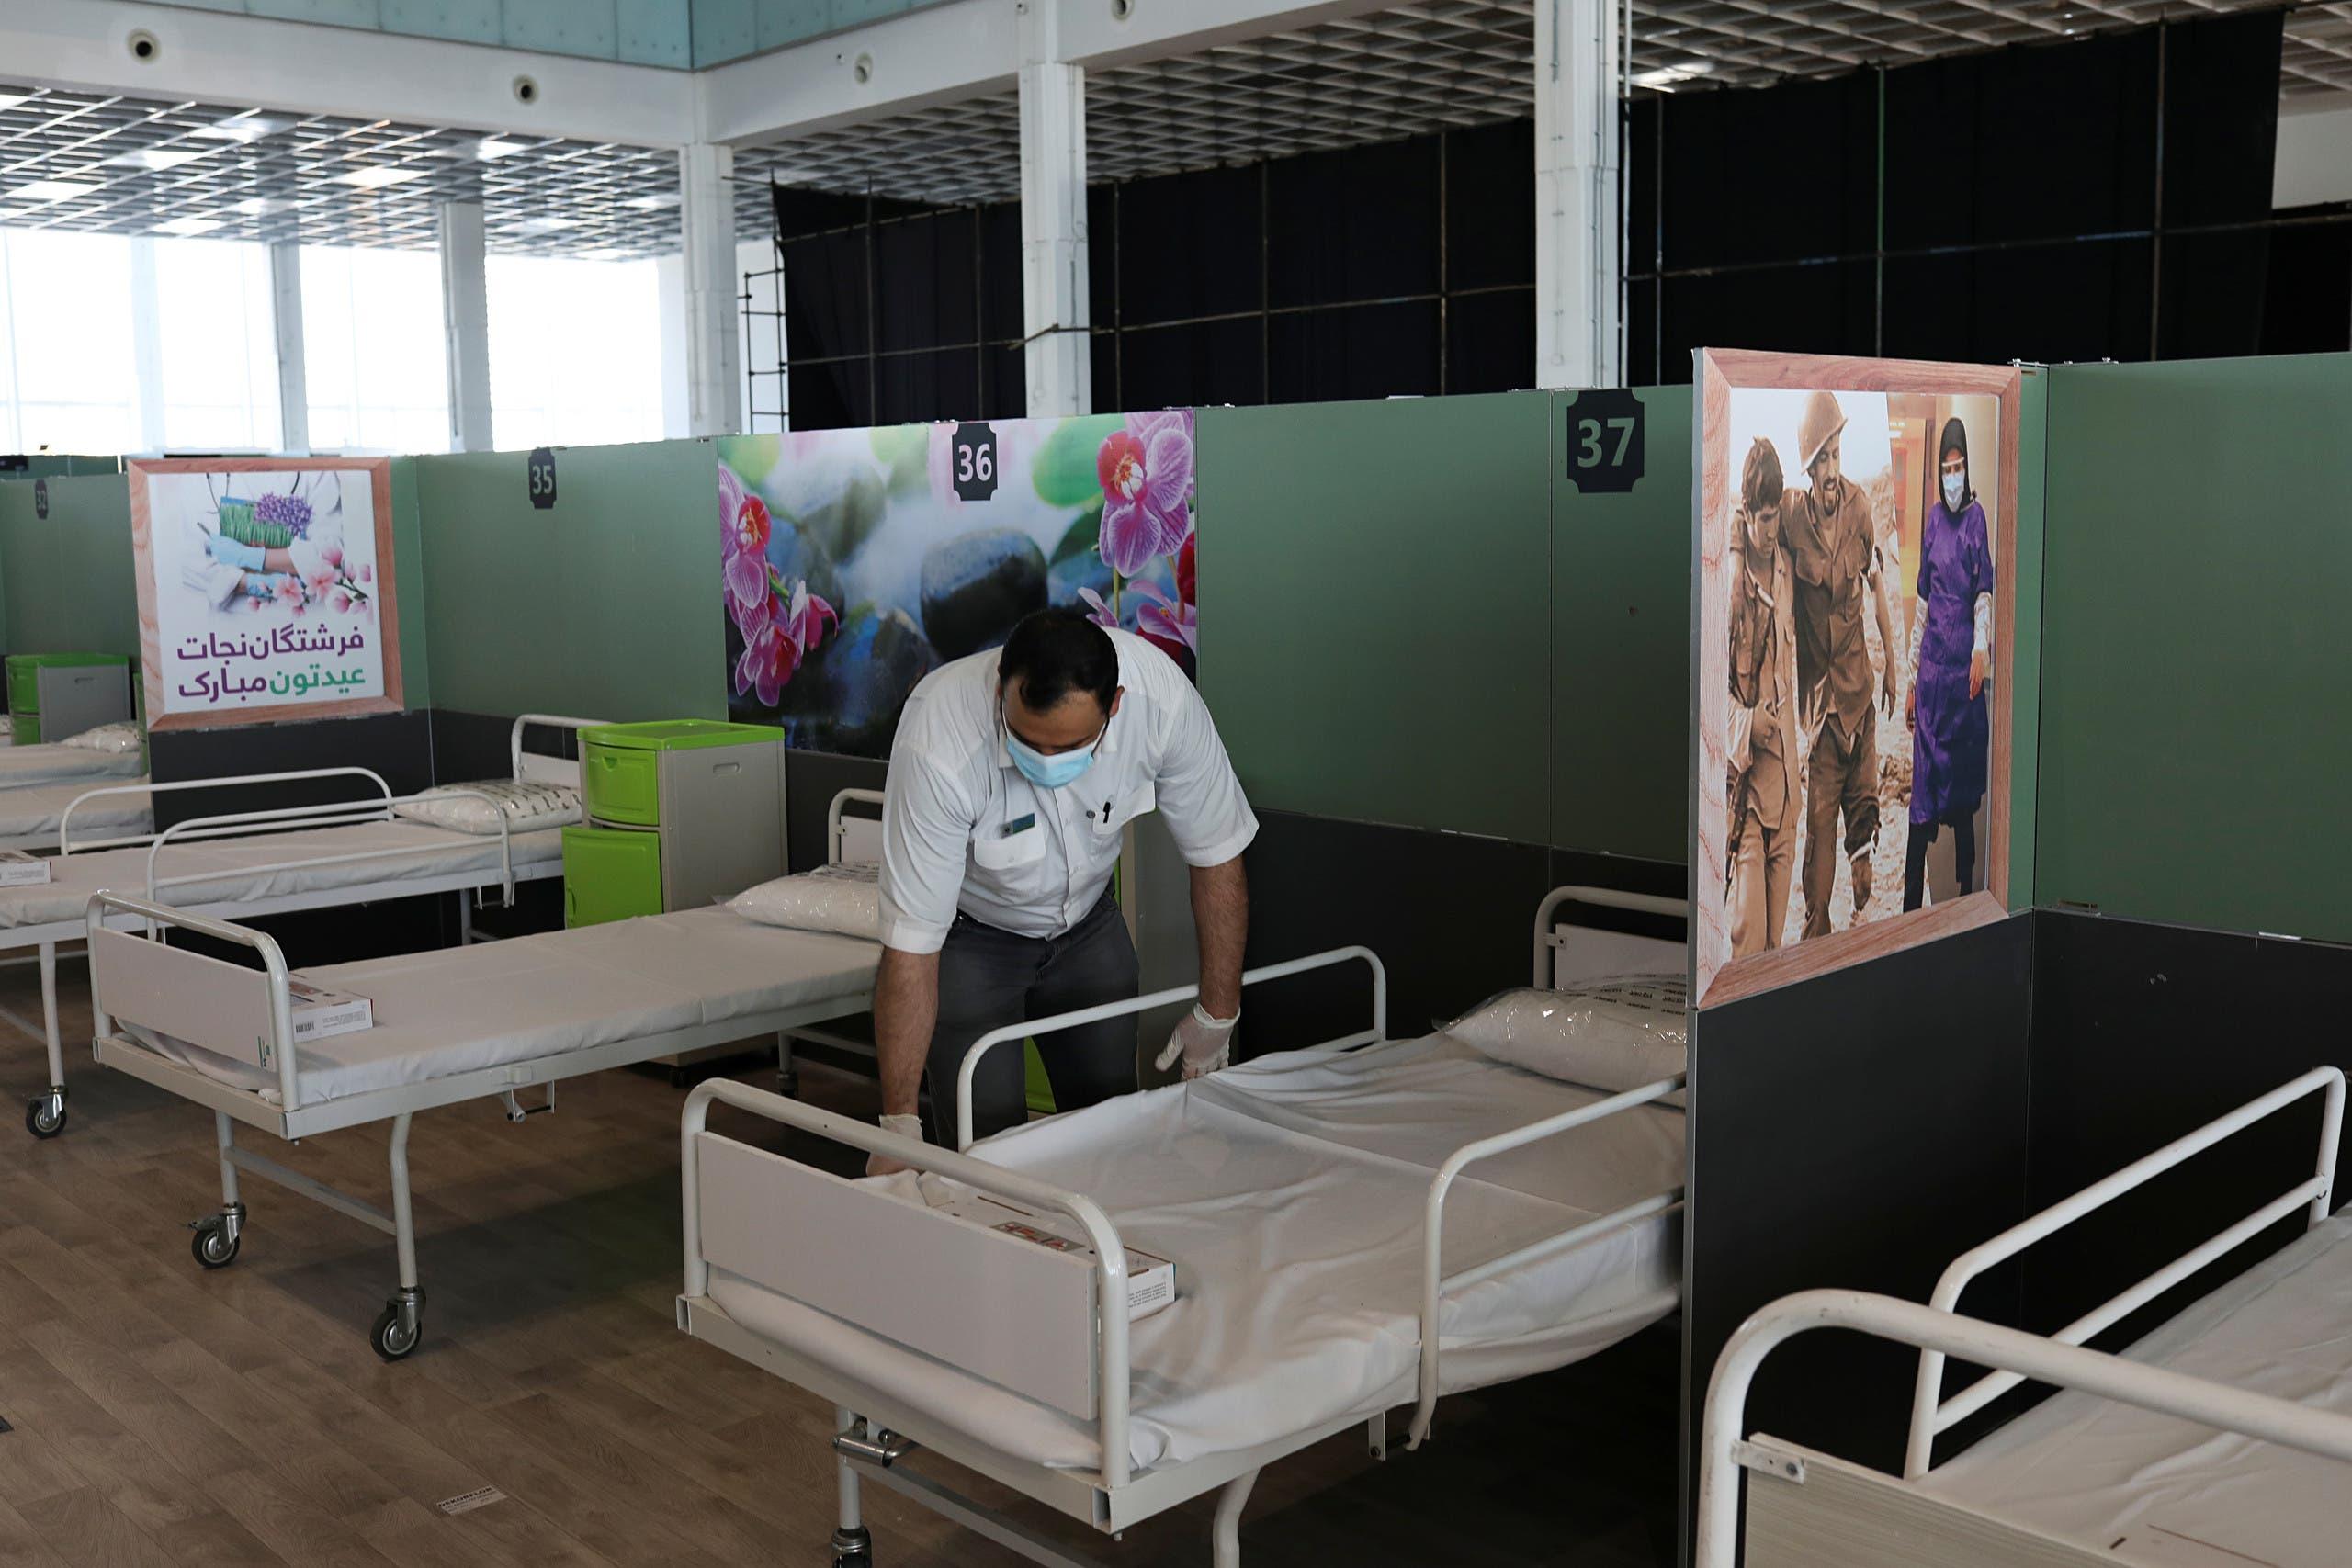 مستشفى ميداني في إيران لاستقبال المصابين بكورونا